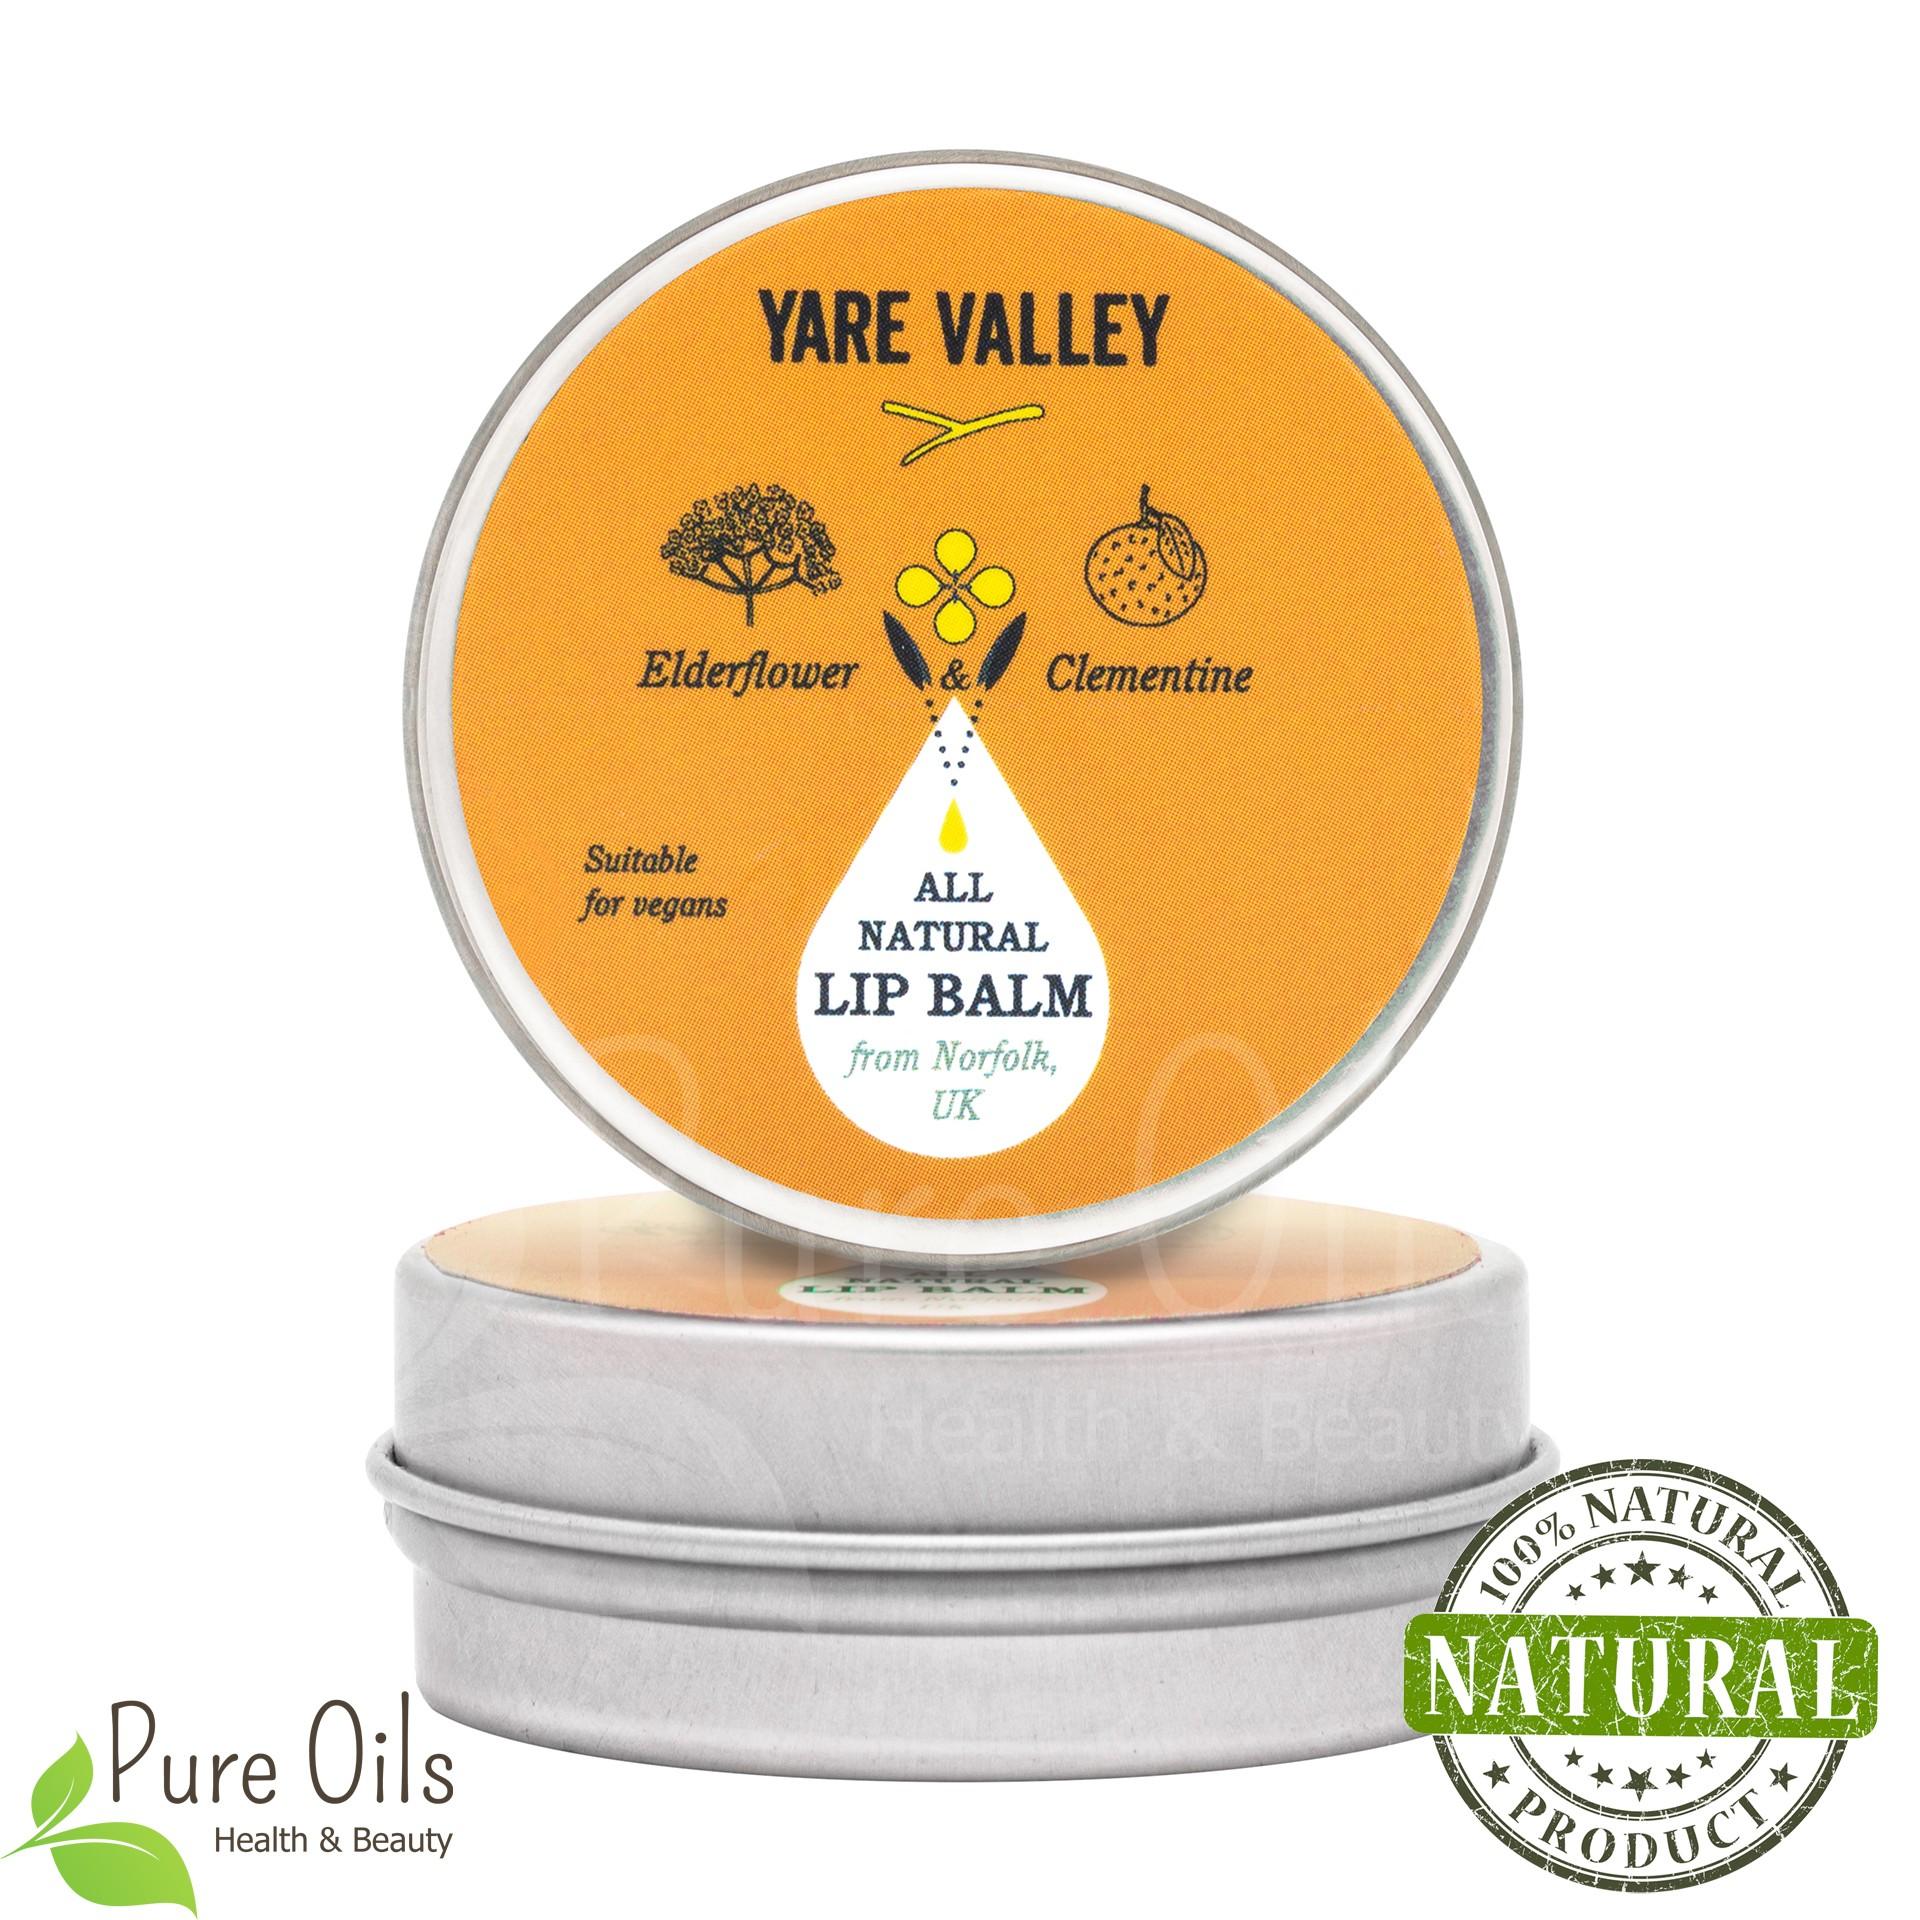 Elderflower and Clementine Natural Lip Balm, Yare Valley